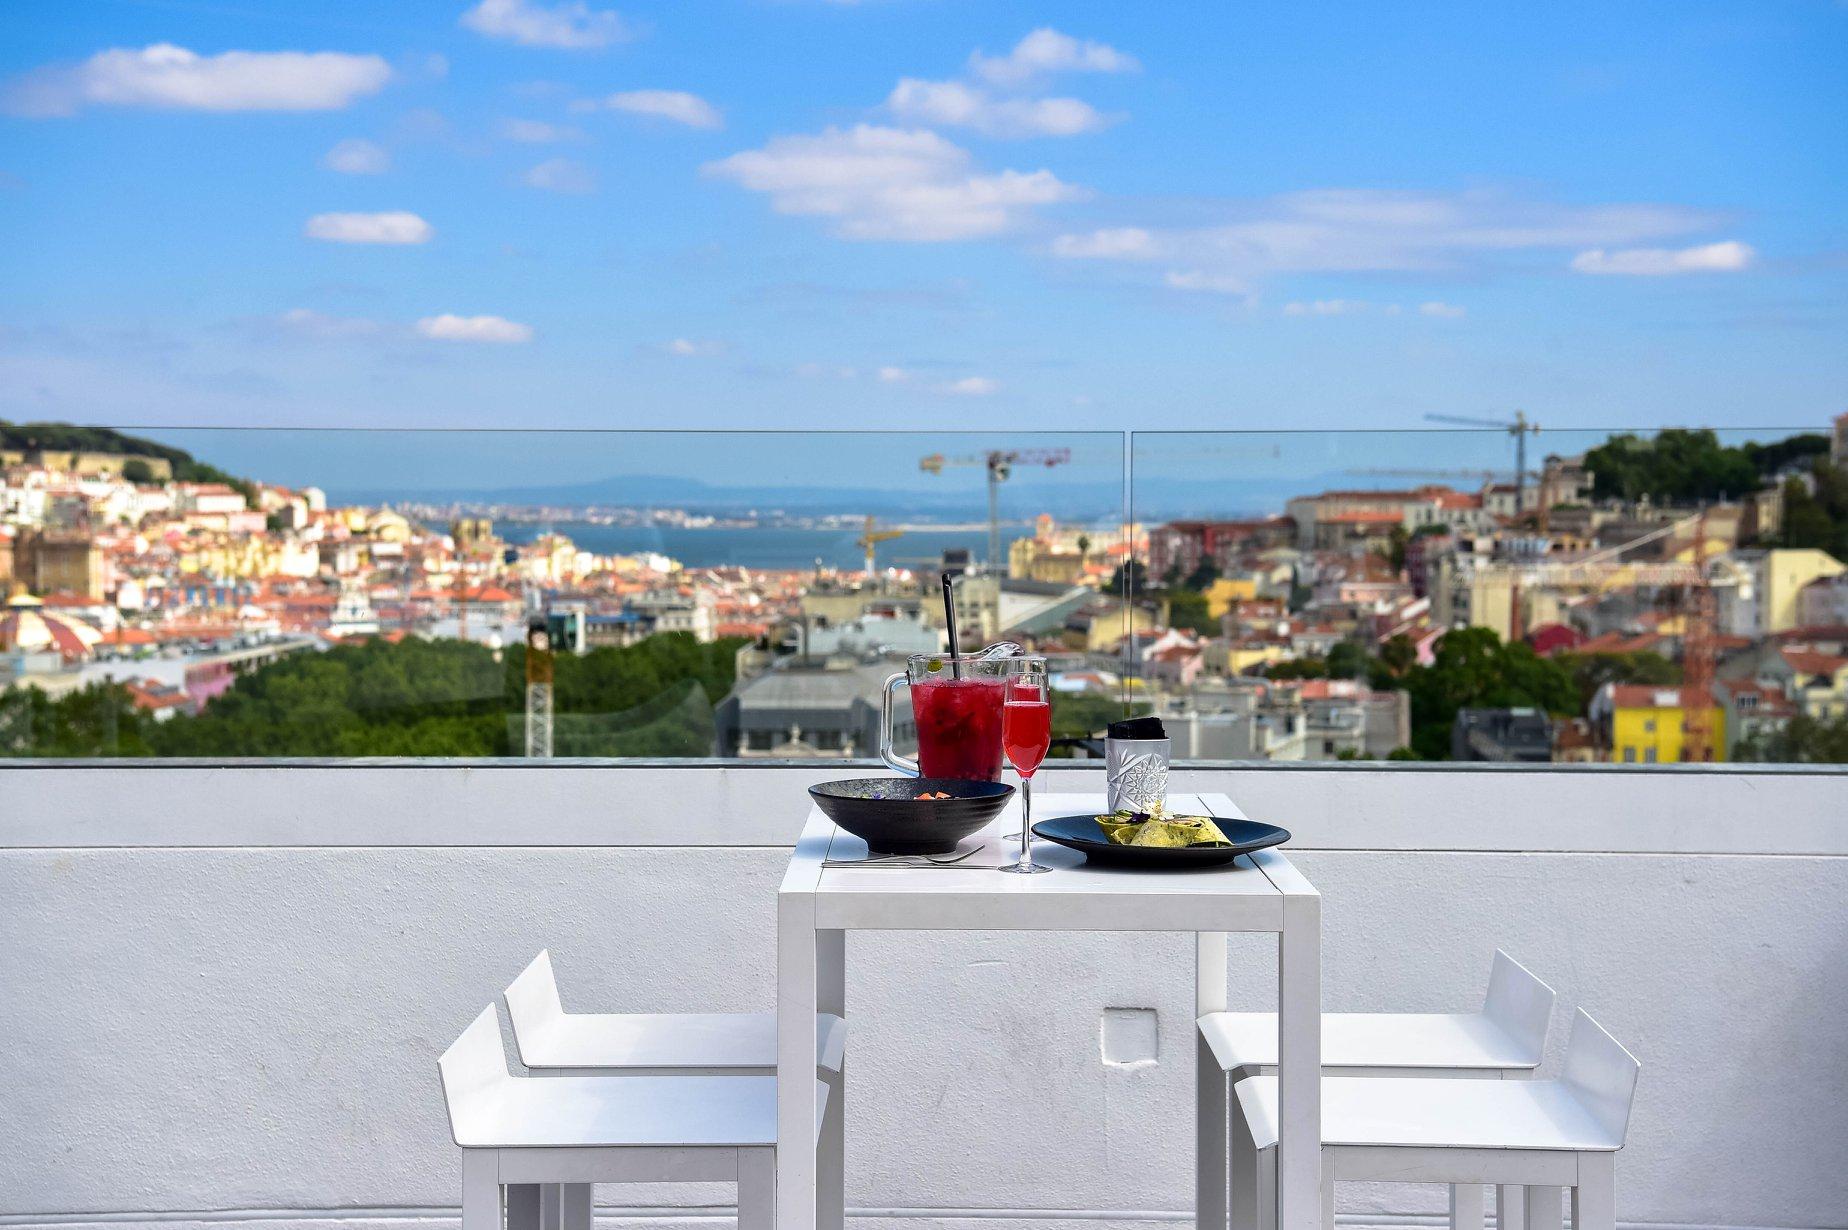 Rooftops dominam Lisboa (Foto: reprodução Instagram)